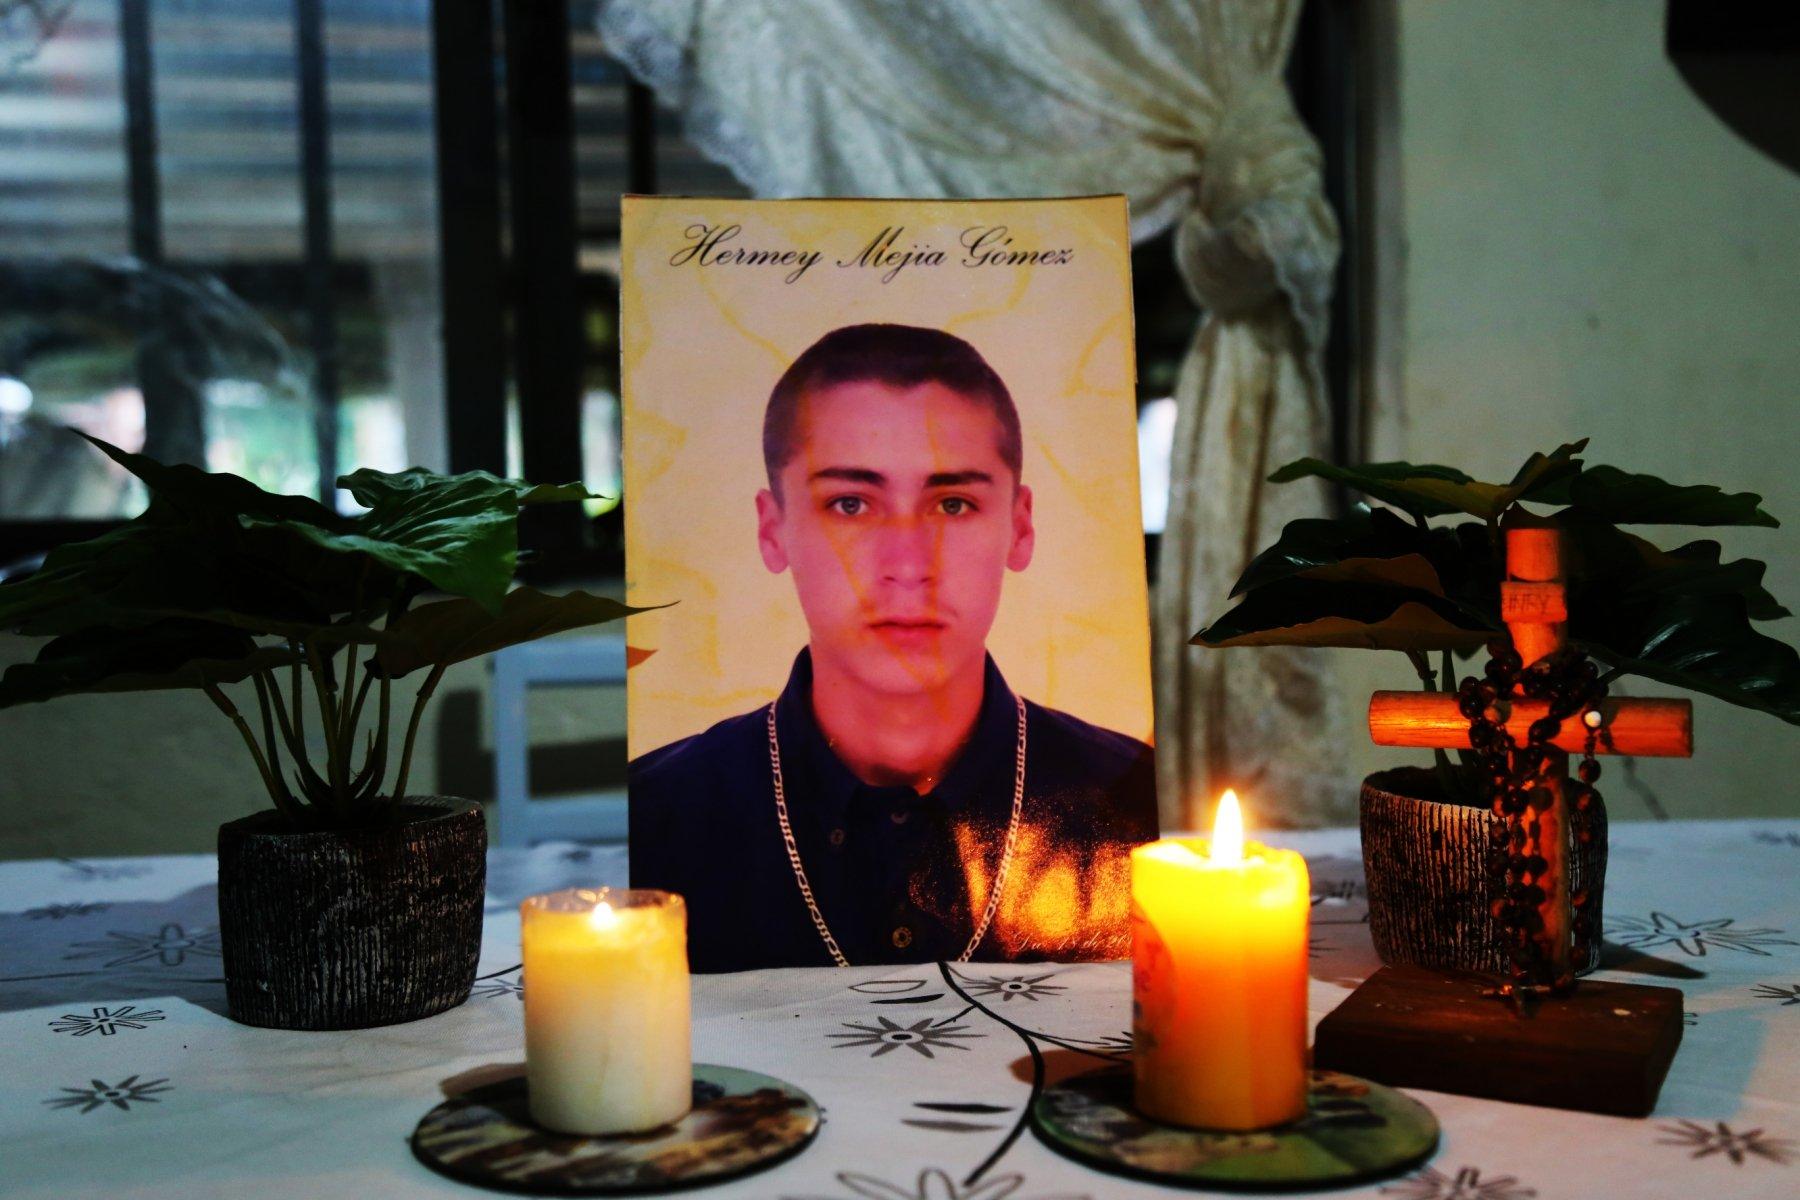 Hermey Mejía Gómez: Desaparecido el de Diciembre de 2002 en la Comuna 13 de Medellín.